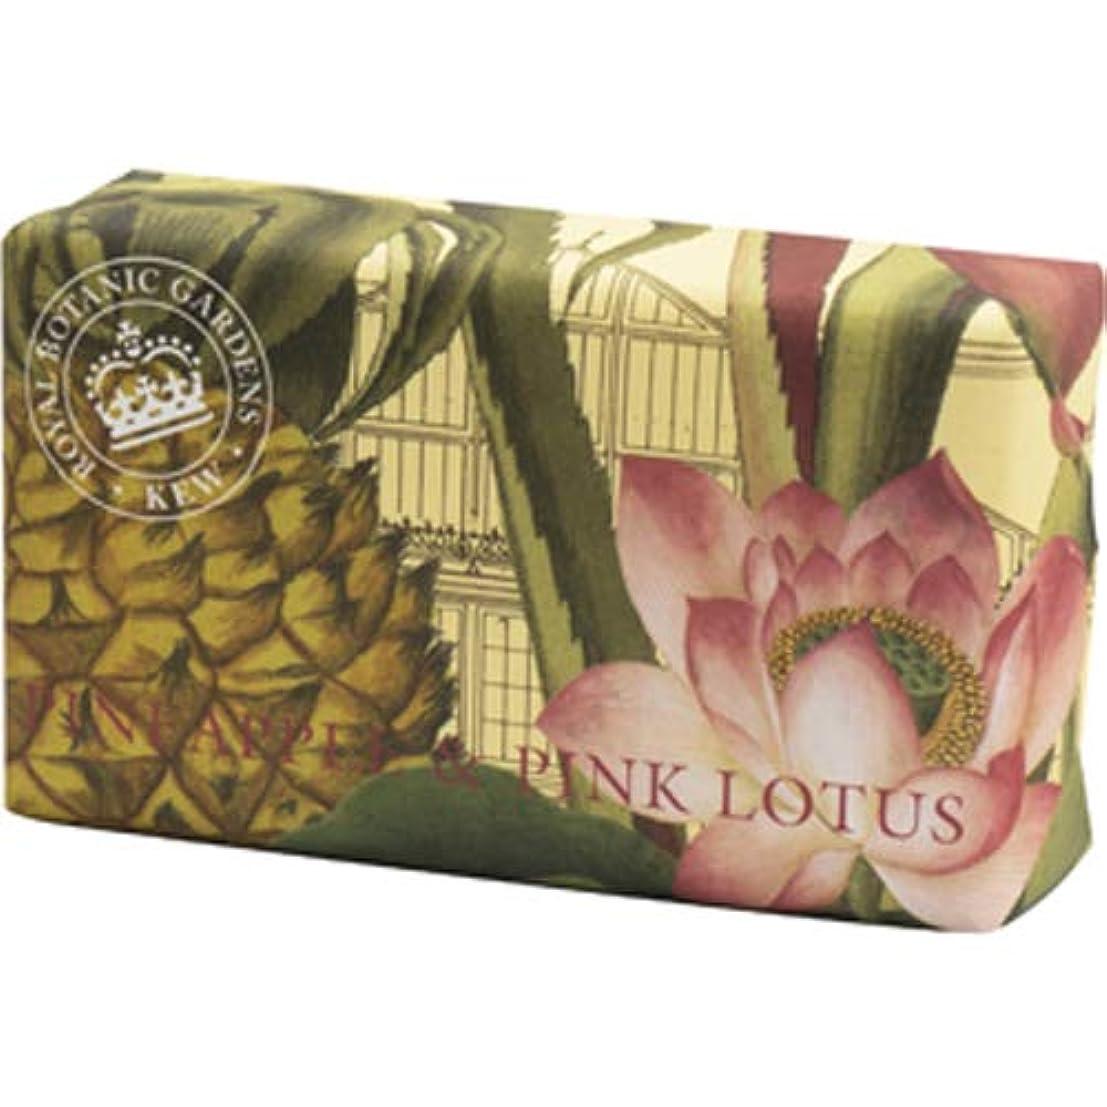 アスリートゴミ箱を空にするアンビエント三和トレーディング English Soap Company イングリッシュソープカンパニー KEW GARDEN キュー?ガーデン Luxury Shea Soaps シアソープ Pineapple & Pink Lotus パイナップル&ピンクロータス